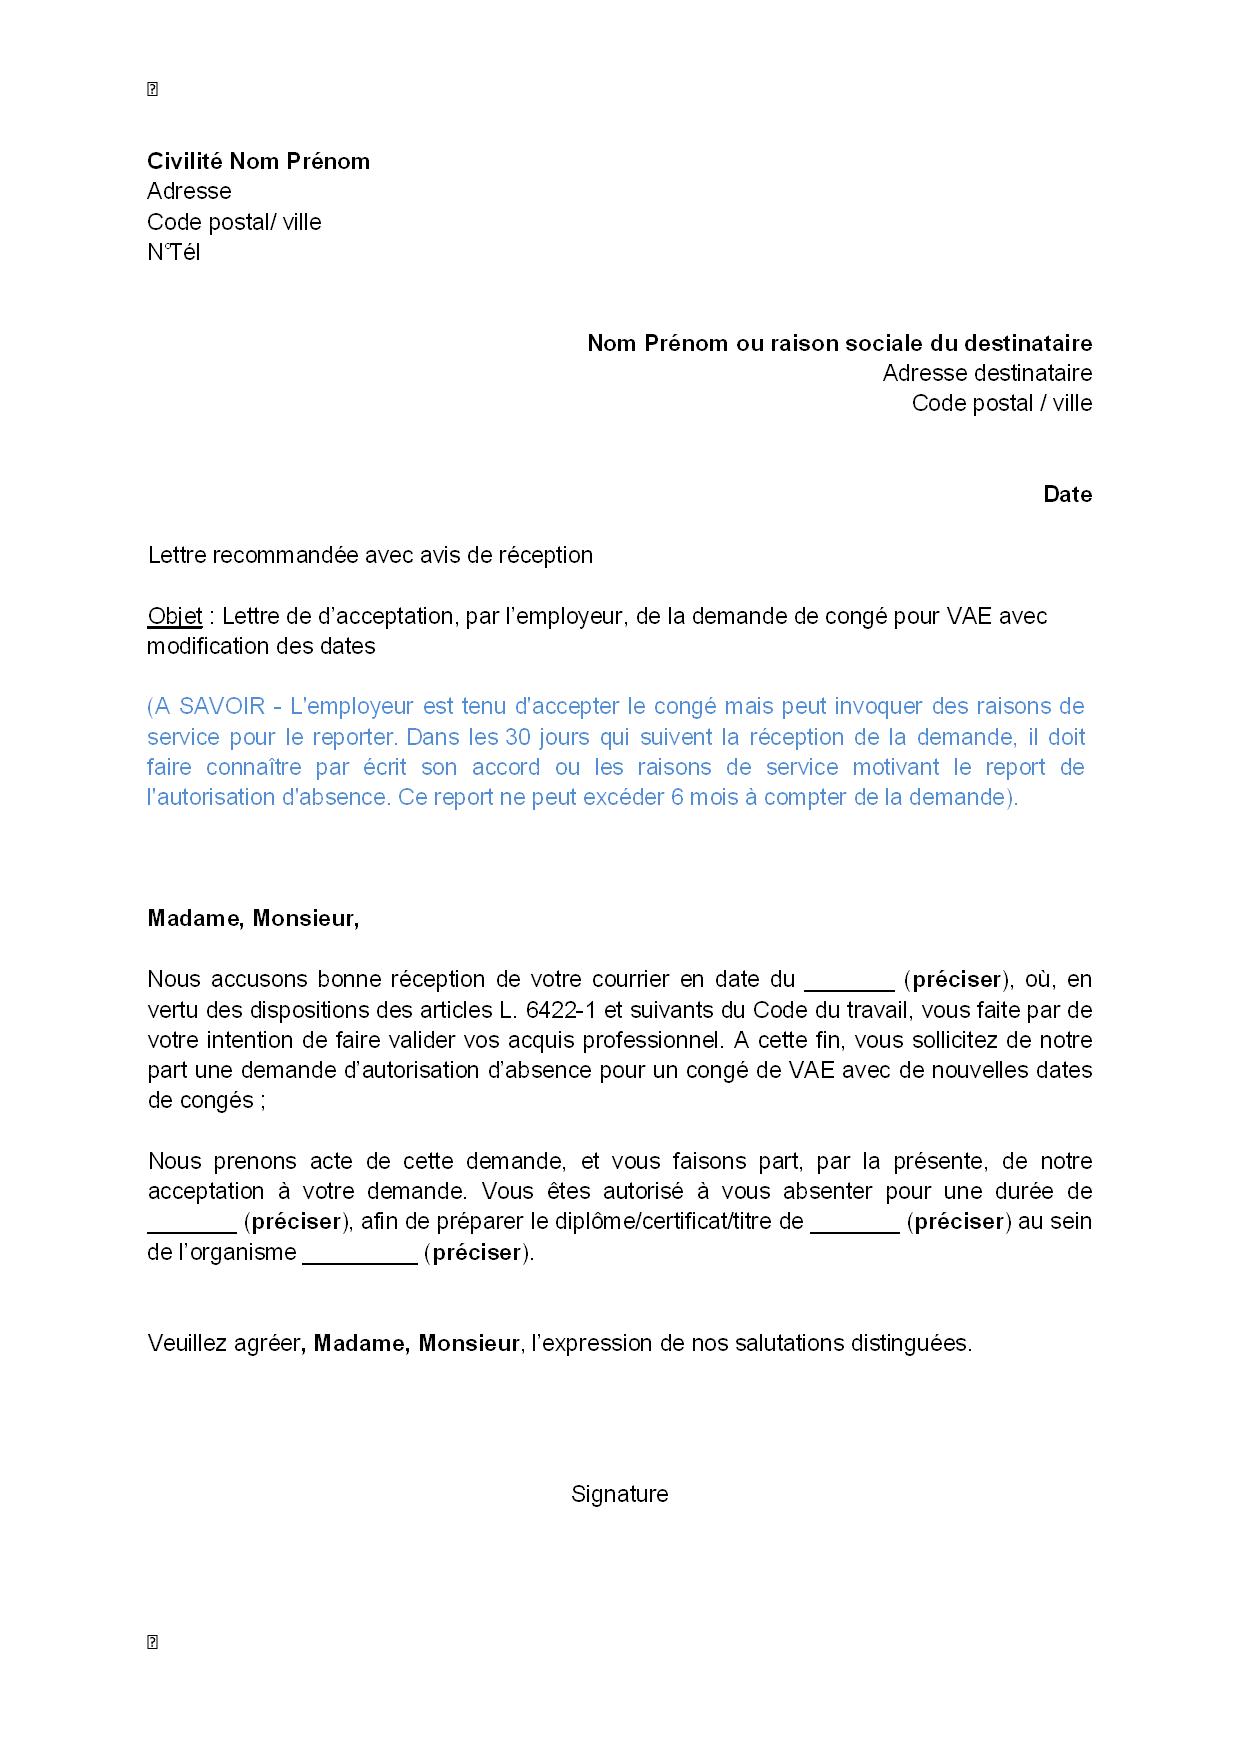 lettre d u0026 39 acceptation  par l u0026 39 employeur  de la demande pour cong u00e9 pour vae avec modification des